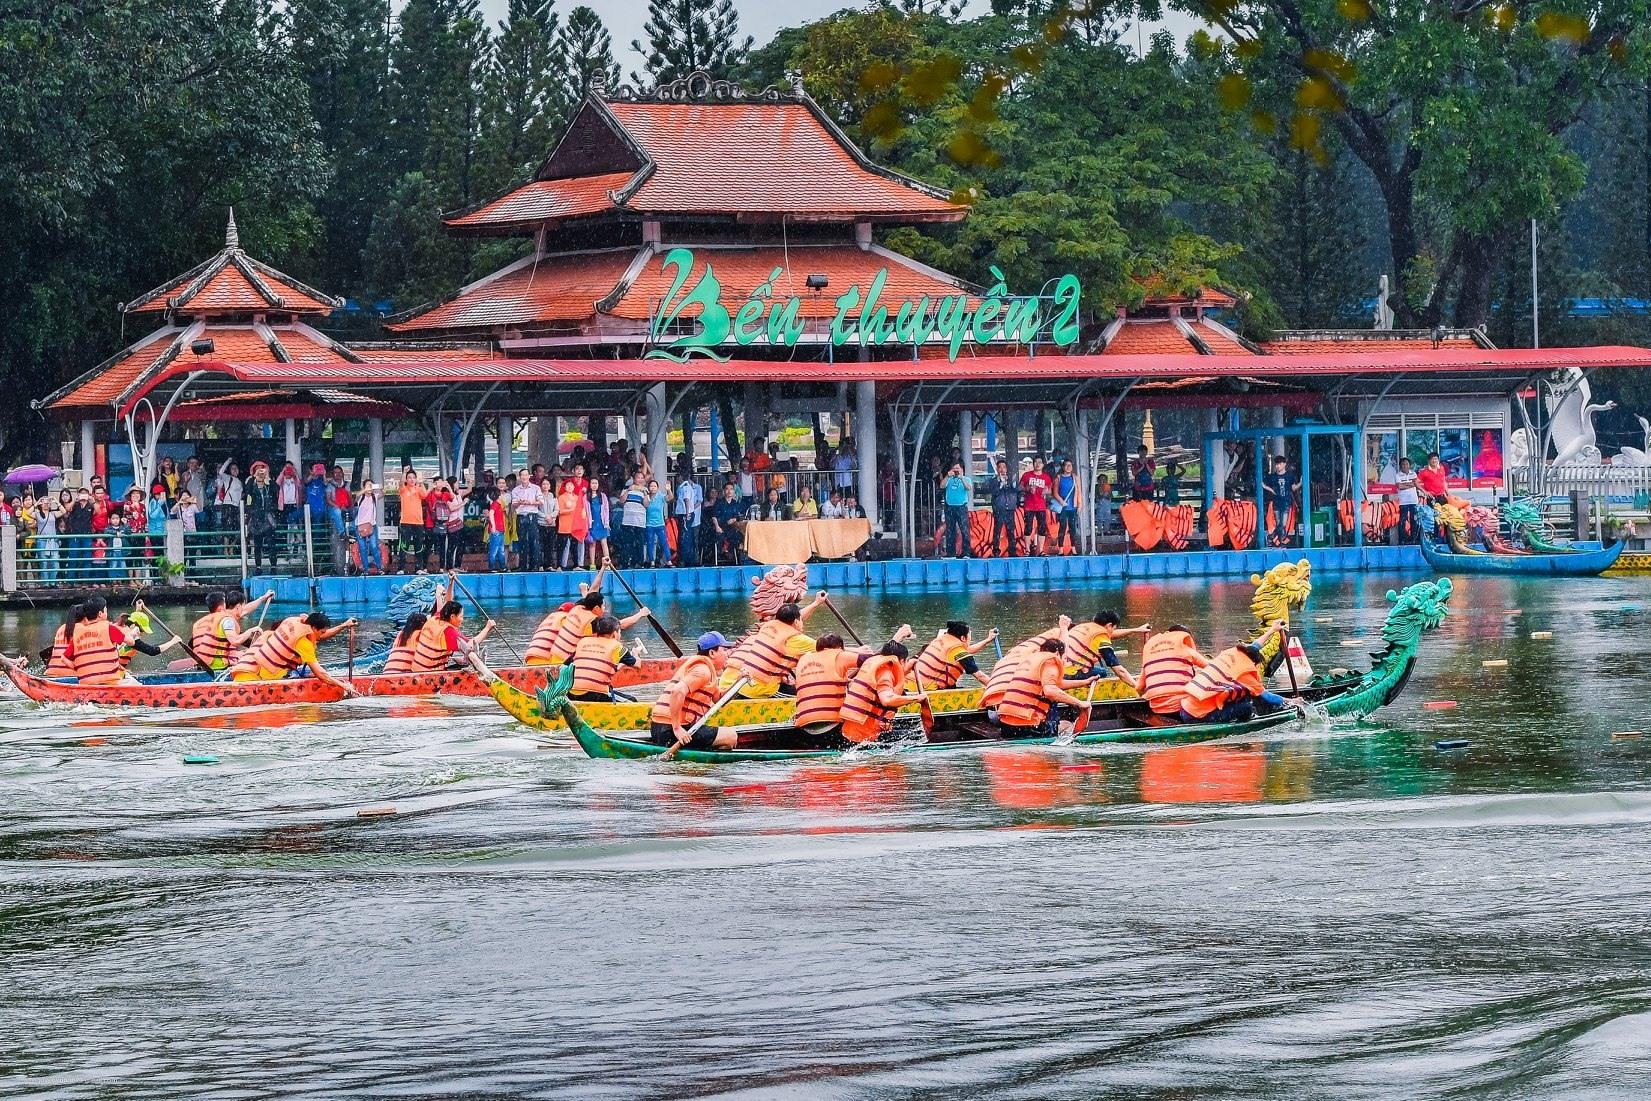 Khám phá những địa điểm vui chơi Tết Nguyên đán 2021 ở Sài Gòn 2021 - Ảnh 9.